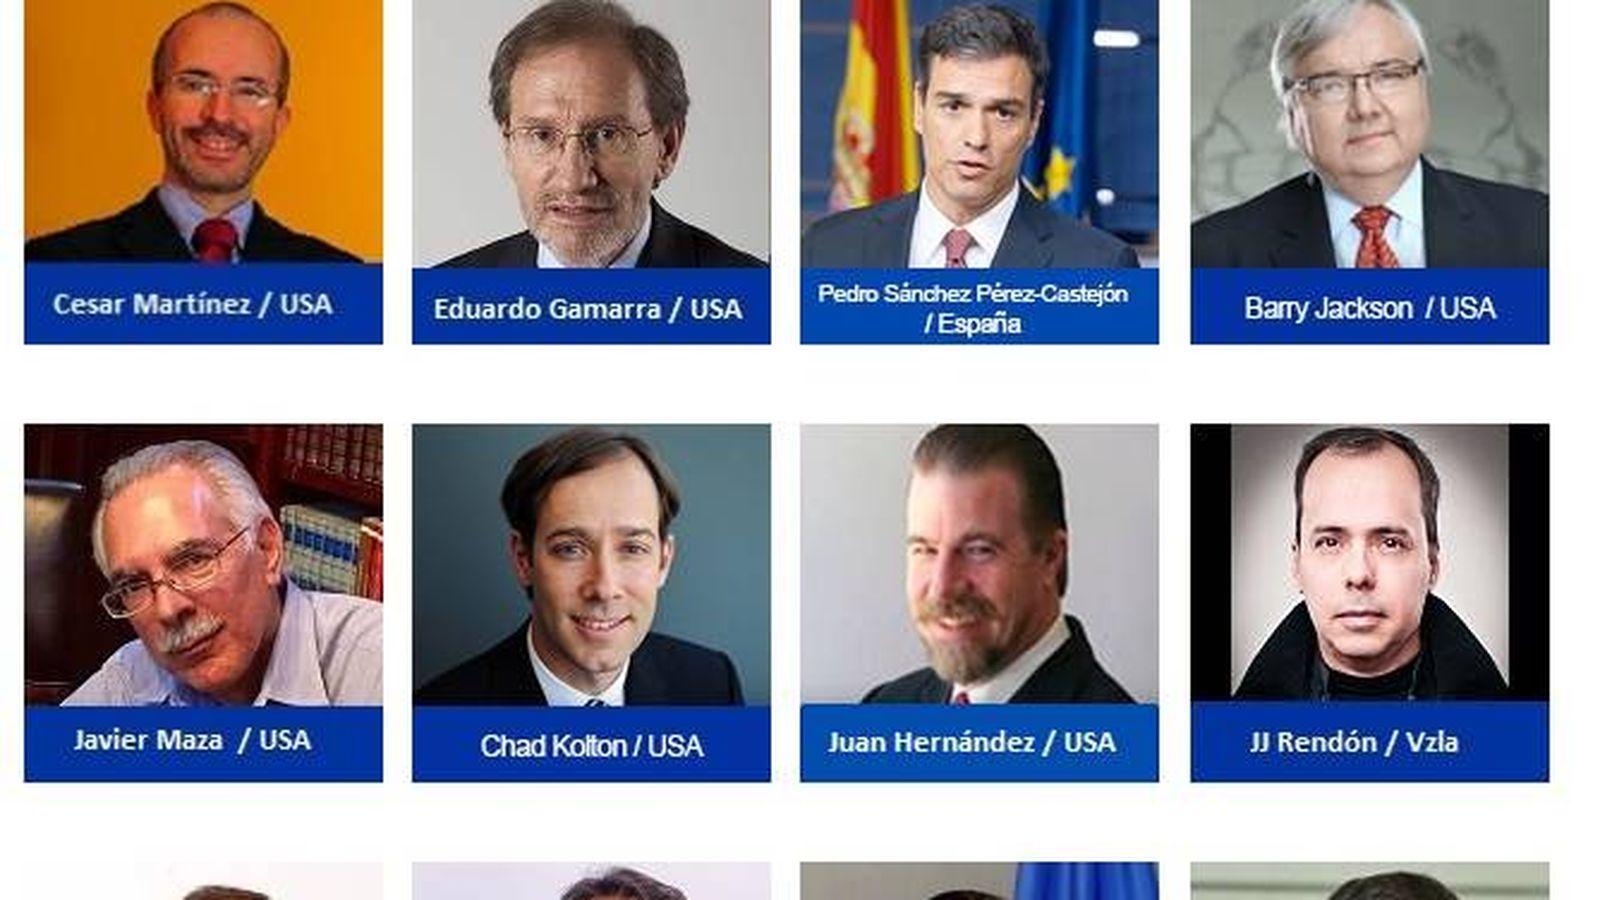 Foto: Panel de oradores del seminario organizado en Washington. (Foto: www.centropolitico.org)